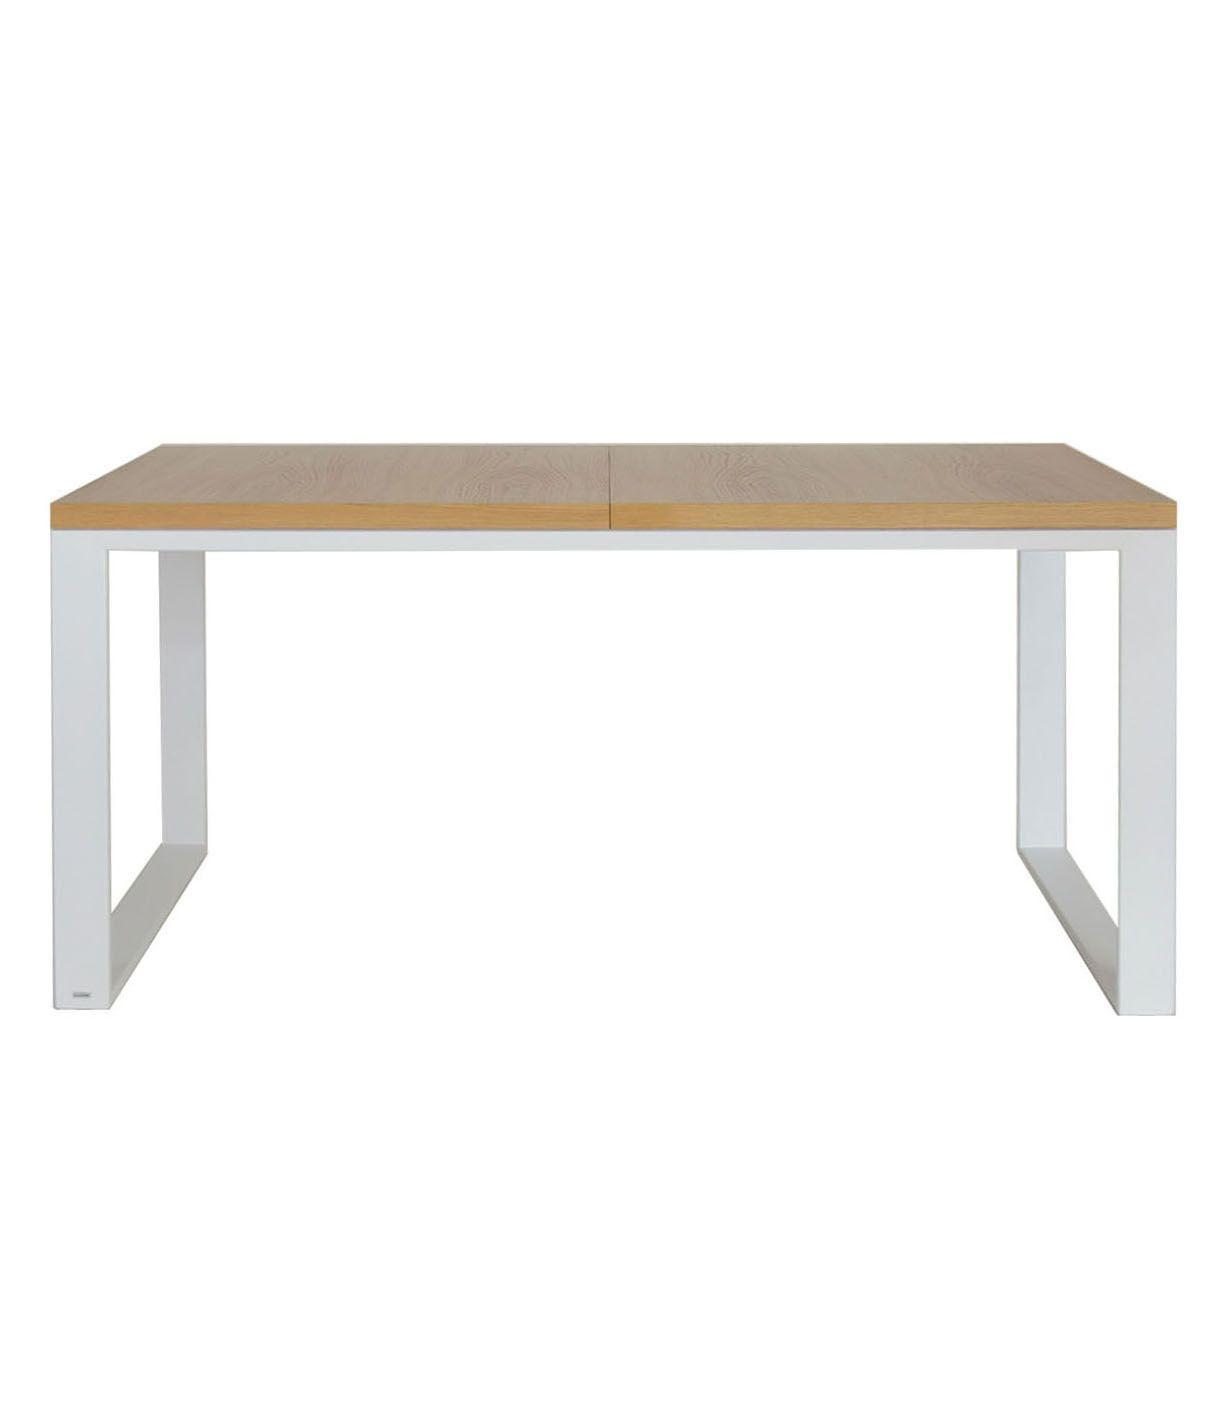 dębowy stół orlando rozkładany - take me HOME